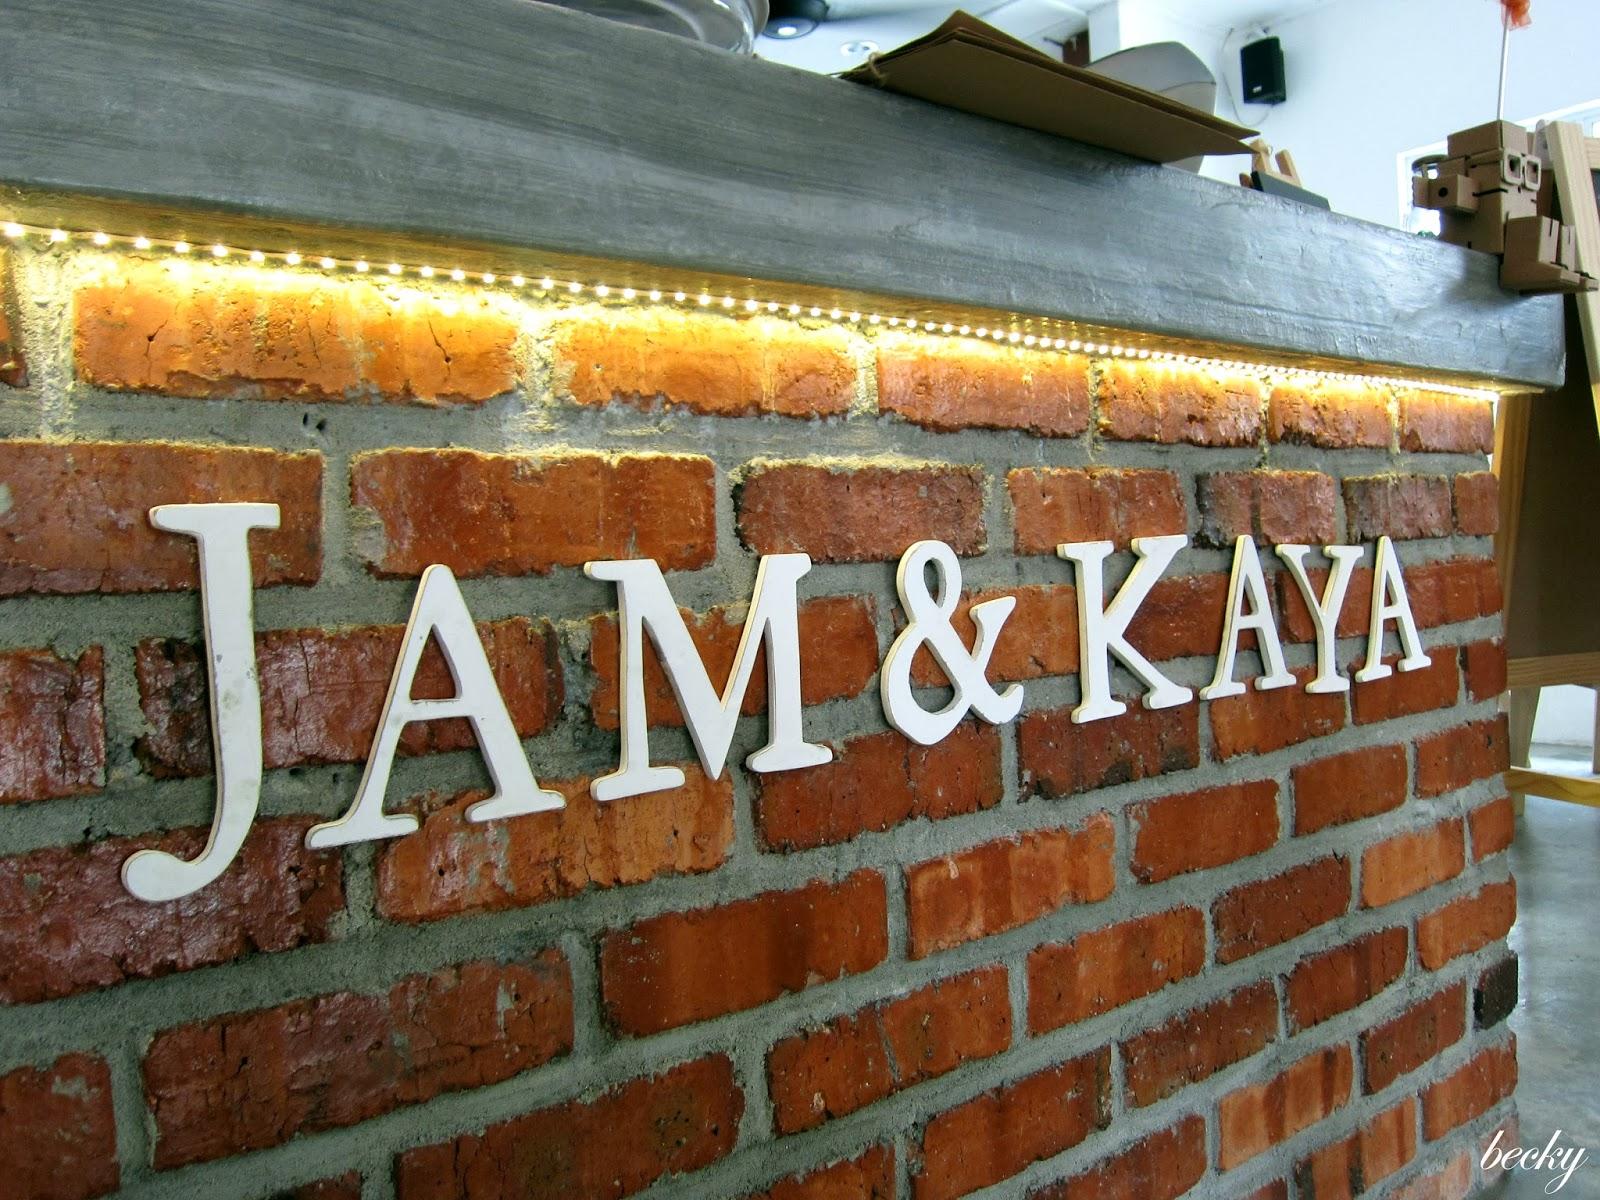 Jam Kaya Cafe Pj Palms Sports Center Becky Wong